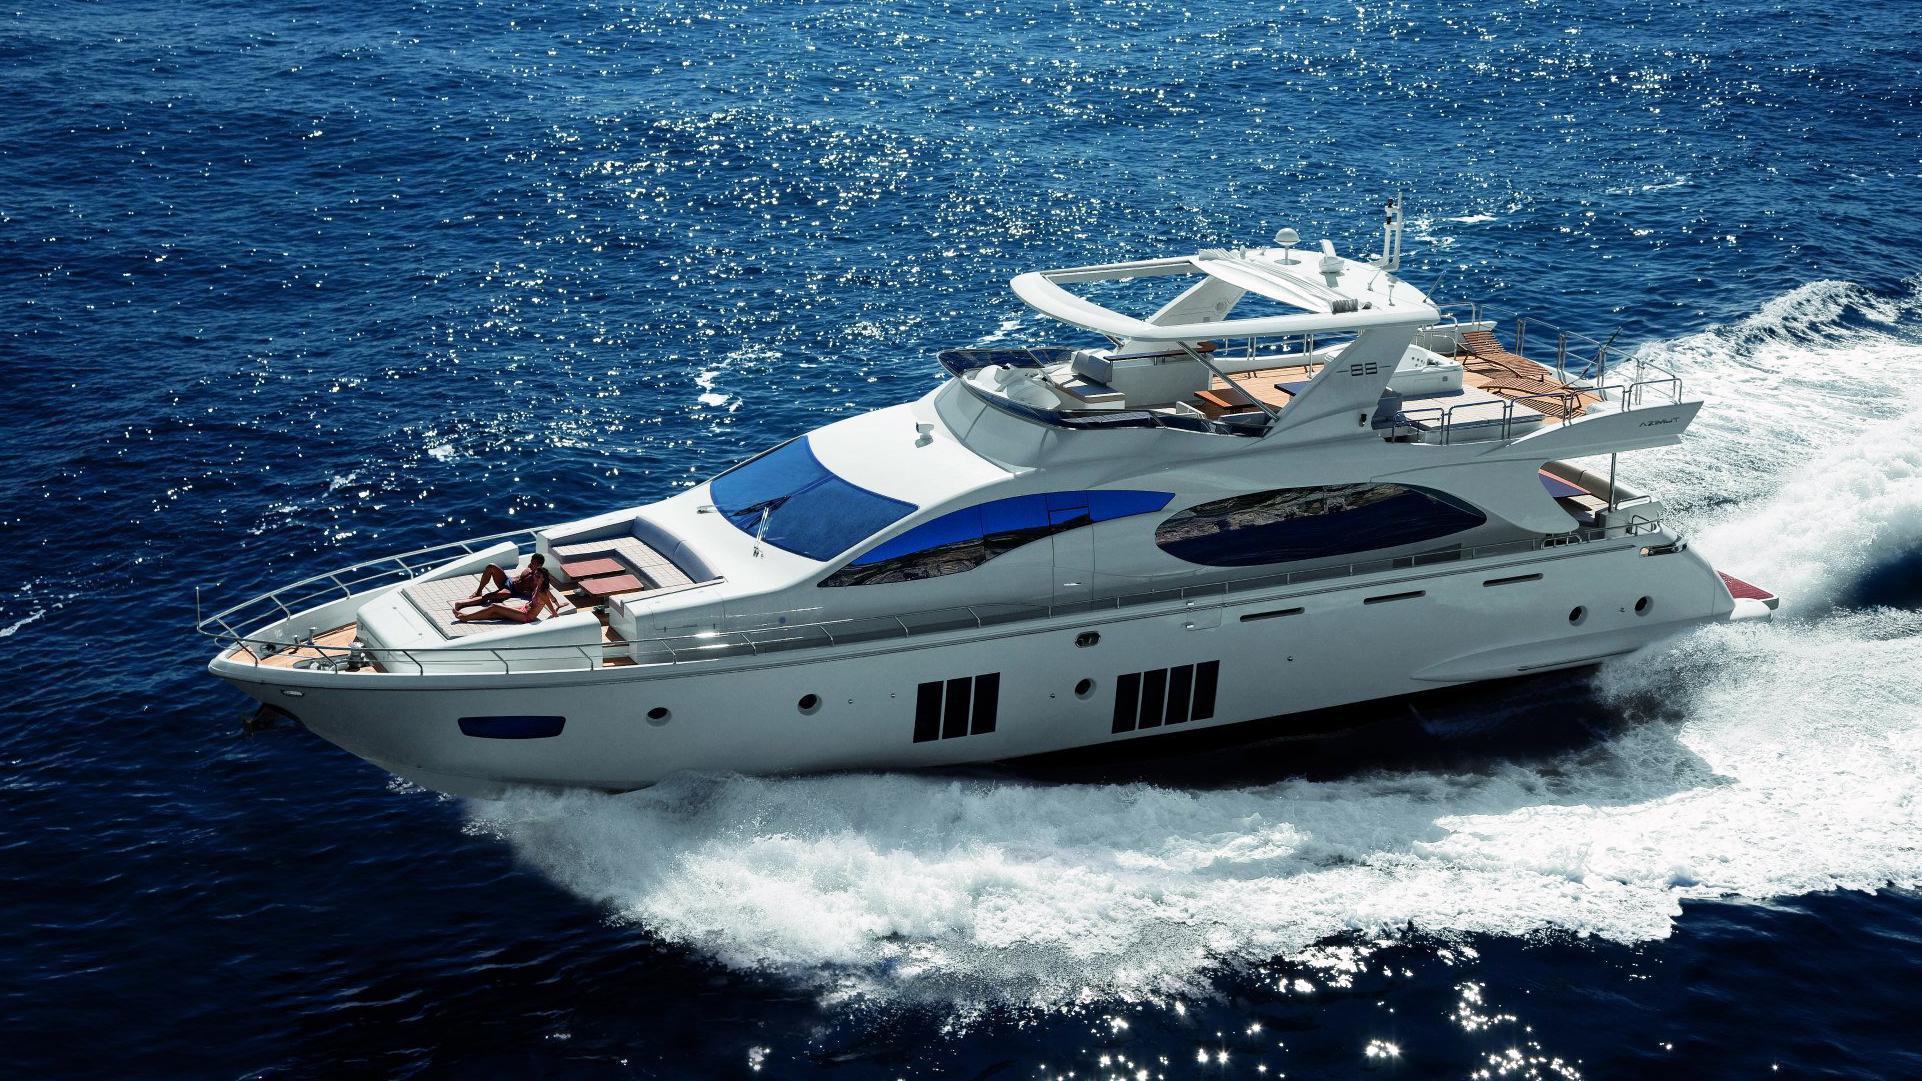 azimut-88-motor-yacht-2011-27m-aerial